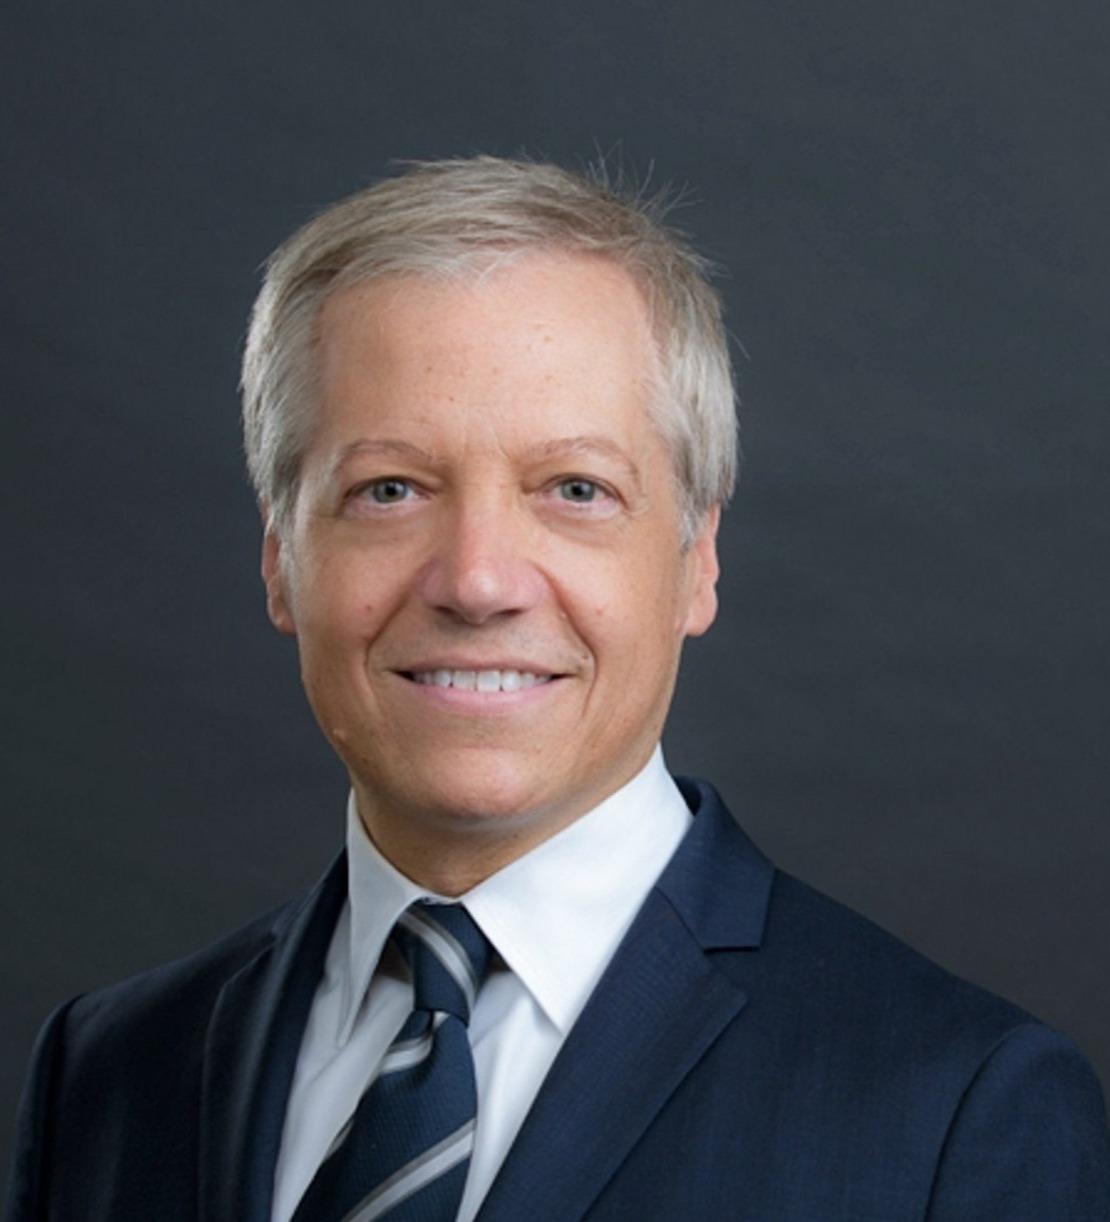 Michael N. Santeufemia